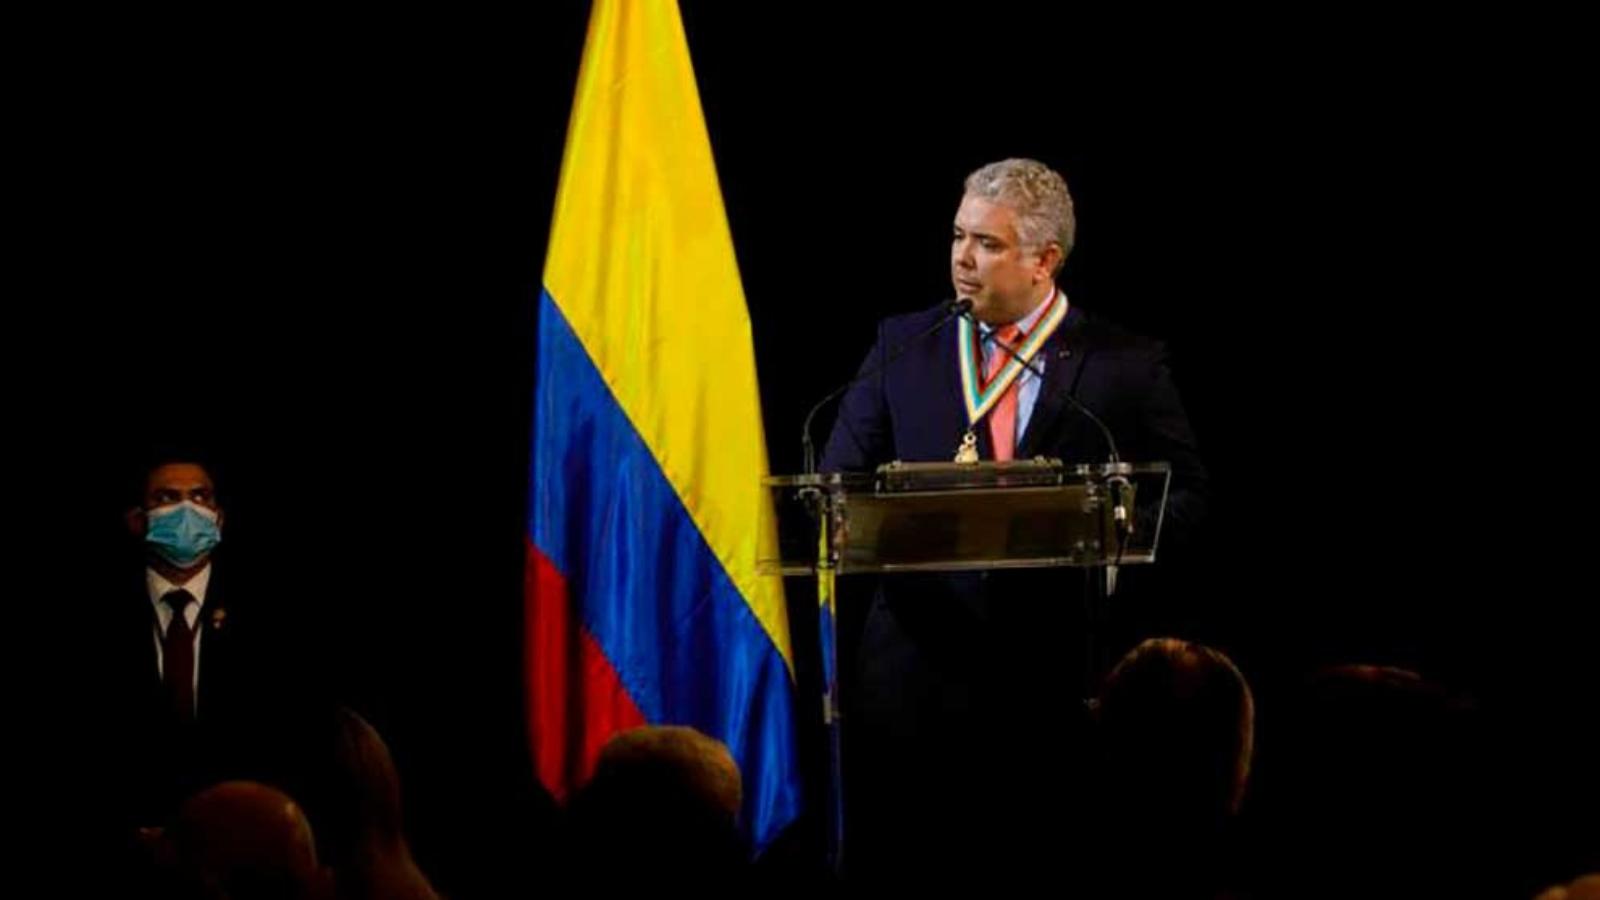 Duque recibió premio del Americas Society por apoyo a los migrantes venezolanos